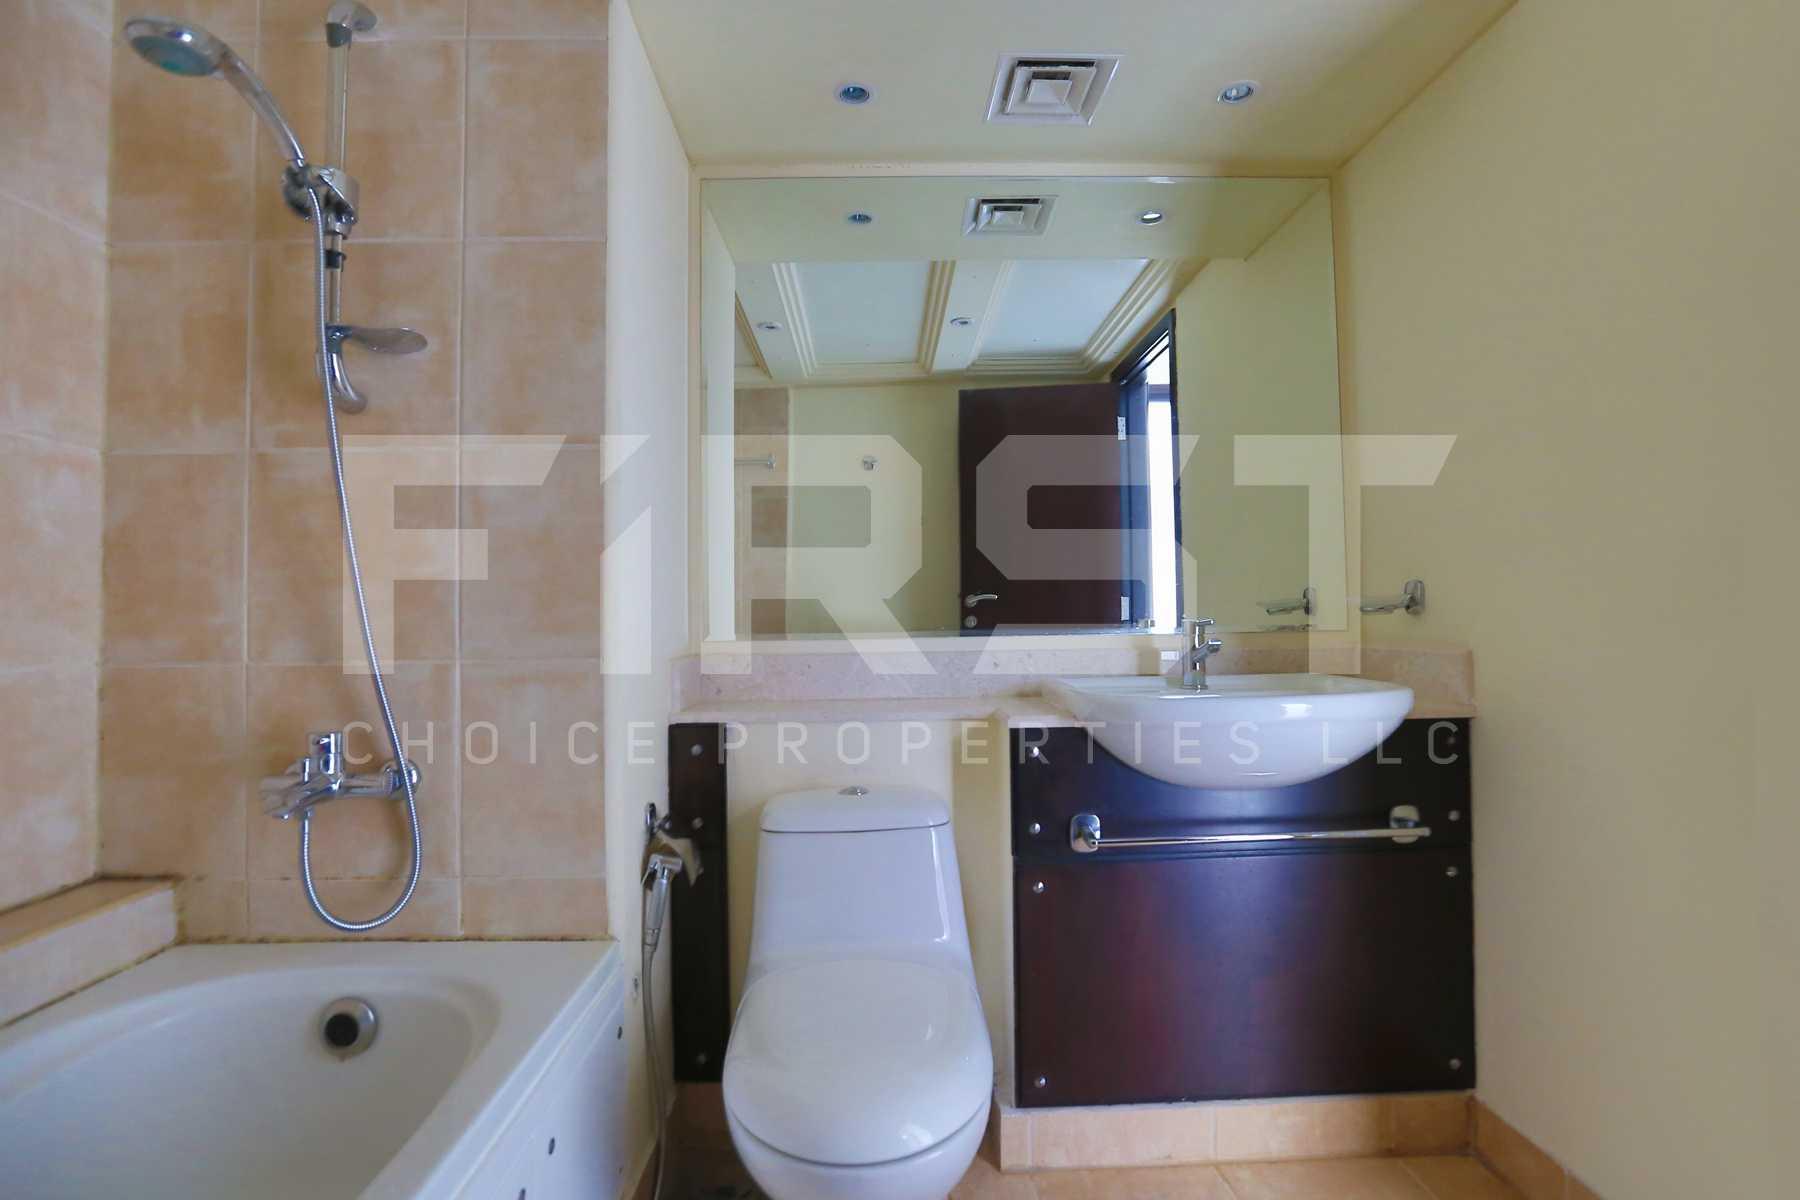 Internal Photo of 2 Bedroom Villa in Al Reef Villas  Al Reef Abu Dhabi UAE 170.2 sq.m 1832 sq.ft (11).jpg